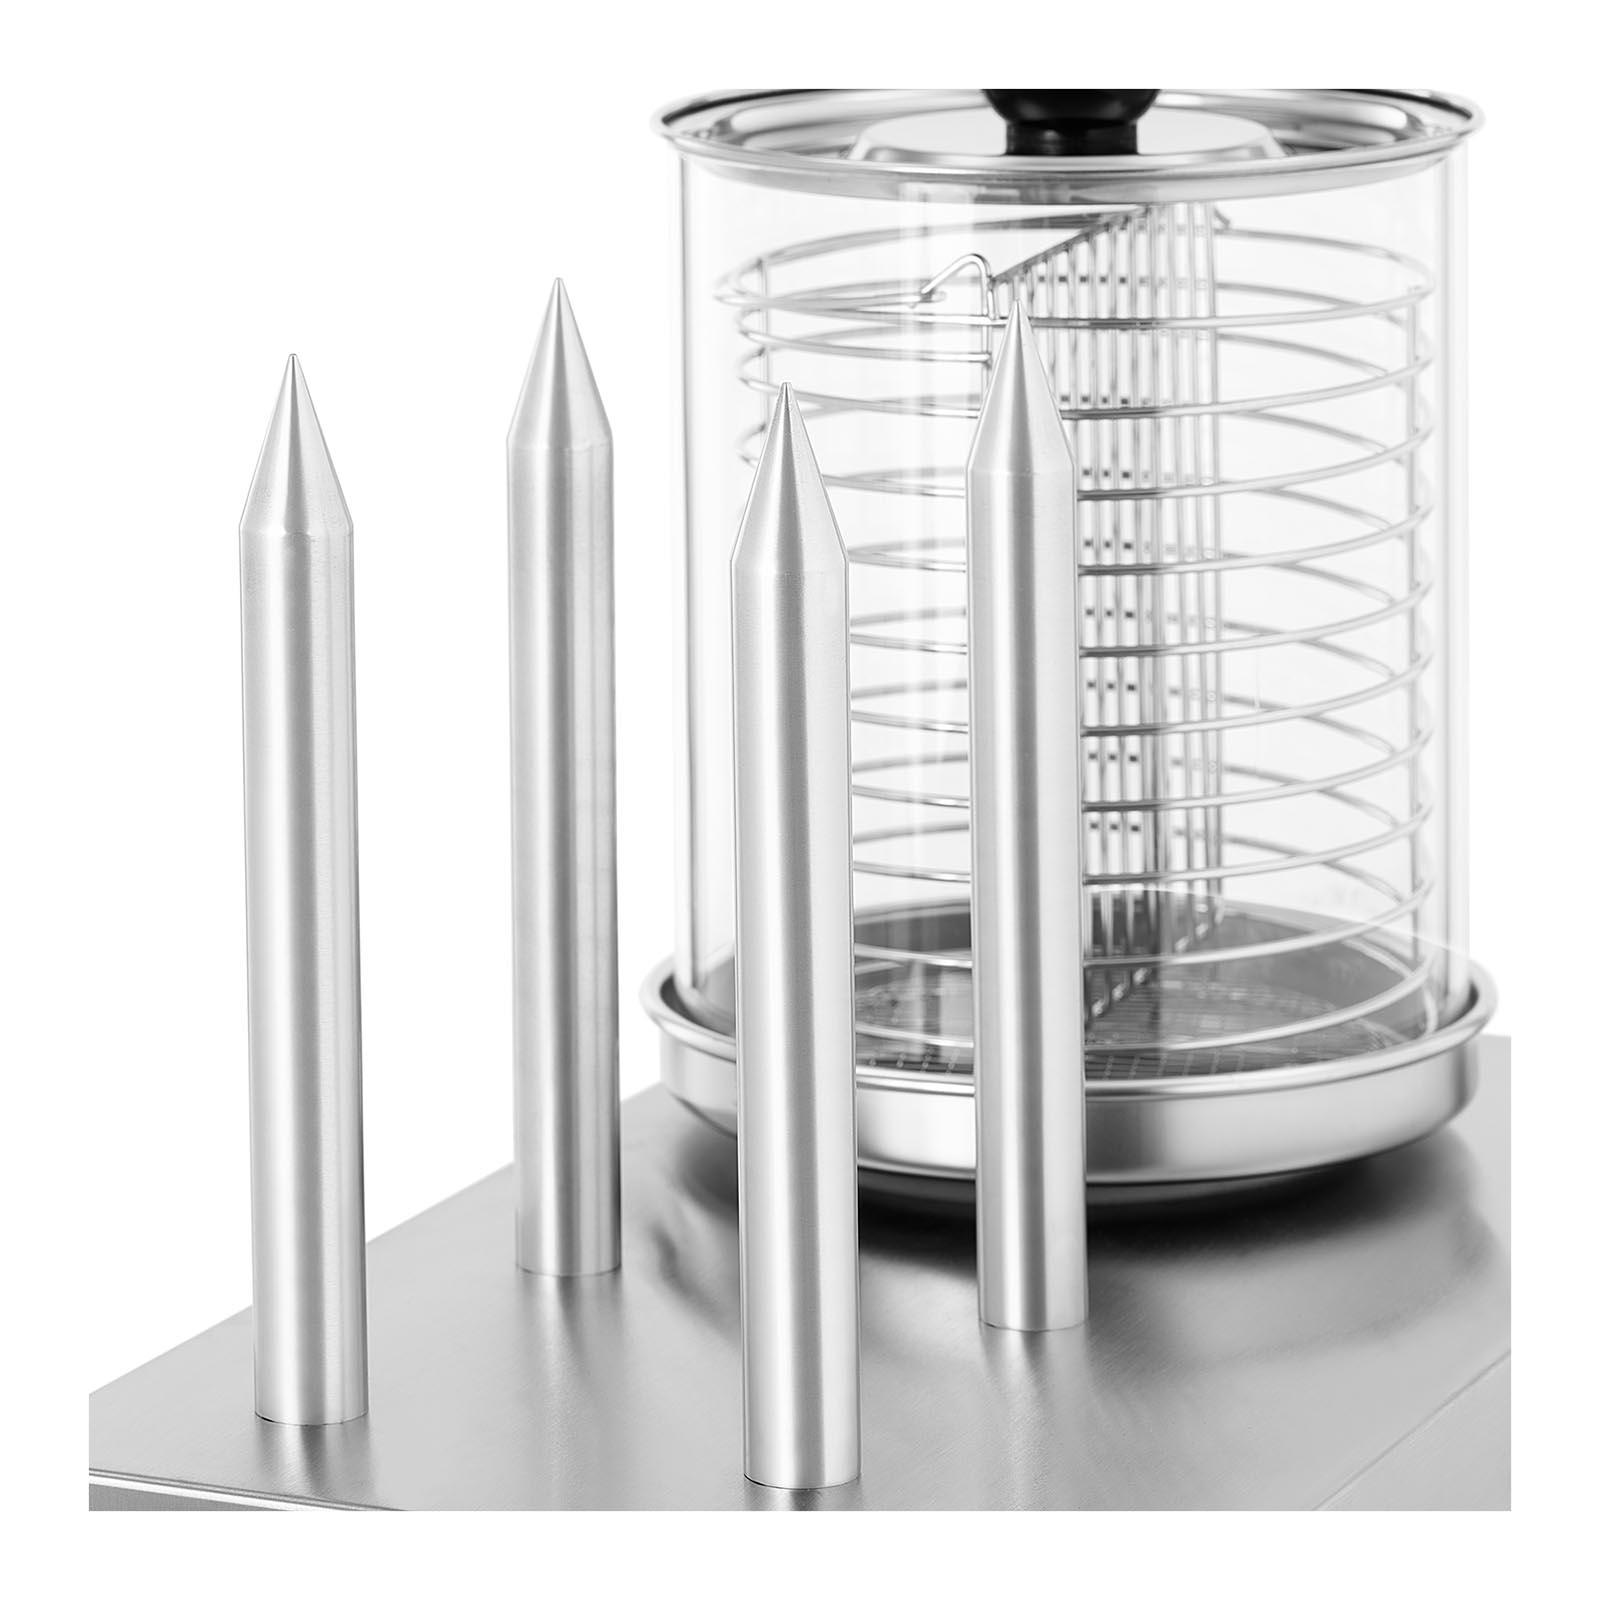 w rstchenw rmer 2300w hot dog ger t hotdog maker wurstw rmer edelstahl toaster ebay. Black Bedroom Furniture Sets. Home Design Ideas